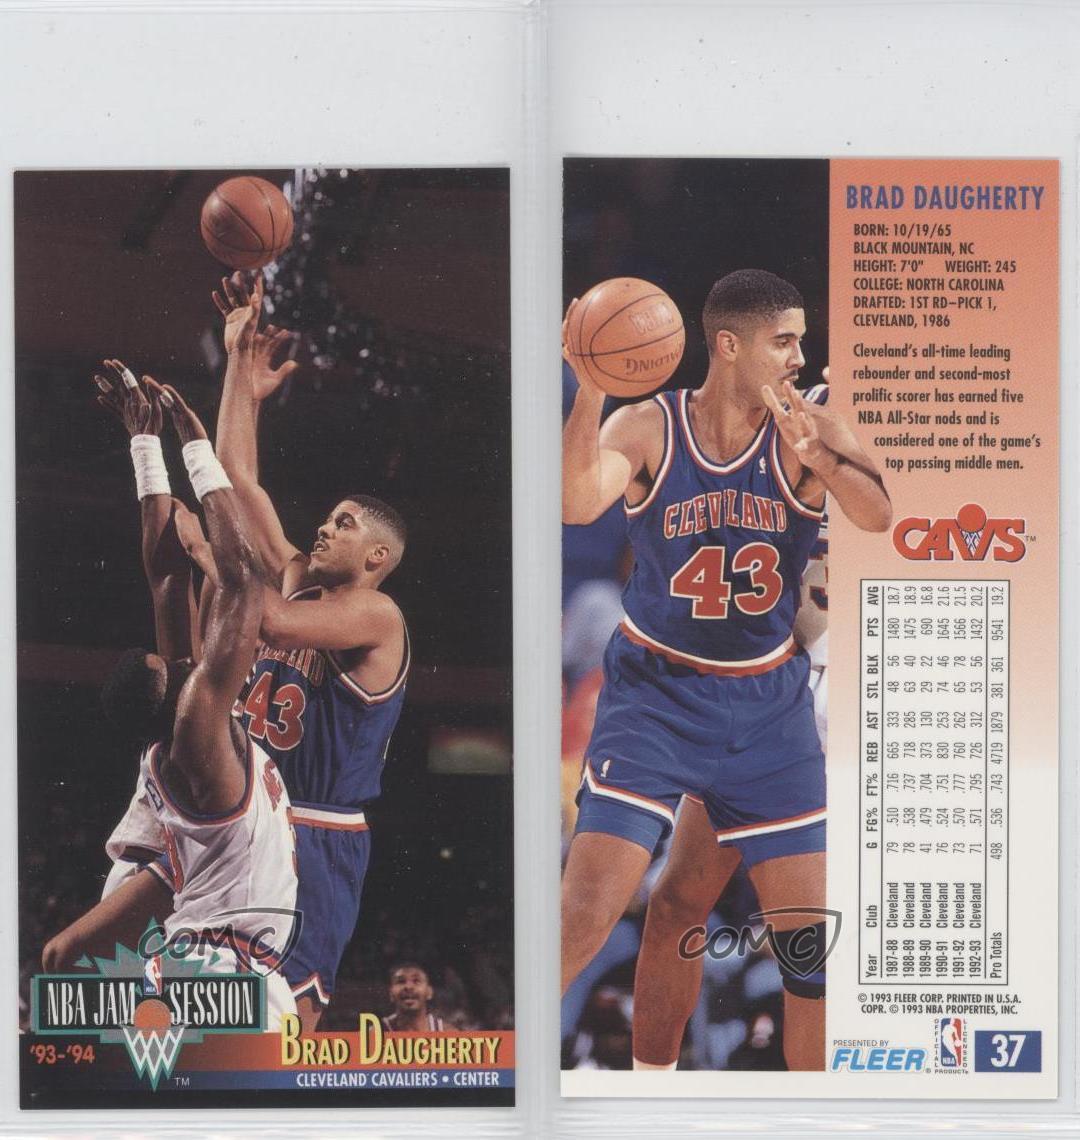 1993-94 NBA Jam Session #37 Brad Daugherty Cleveland